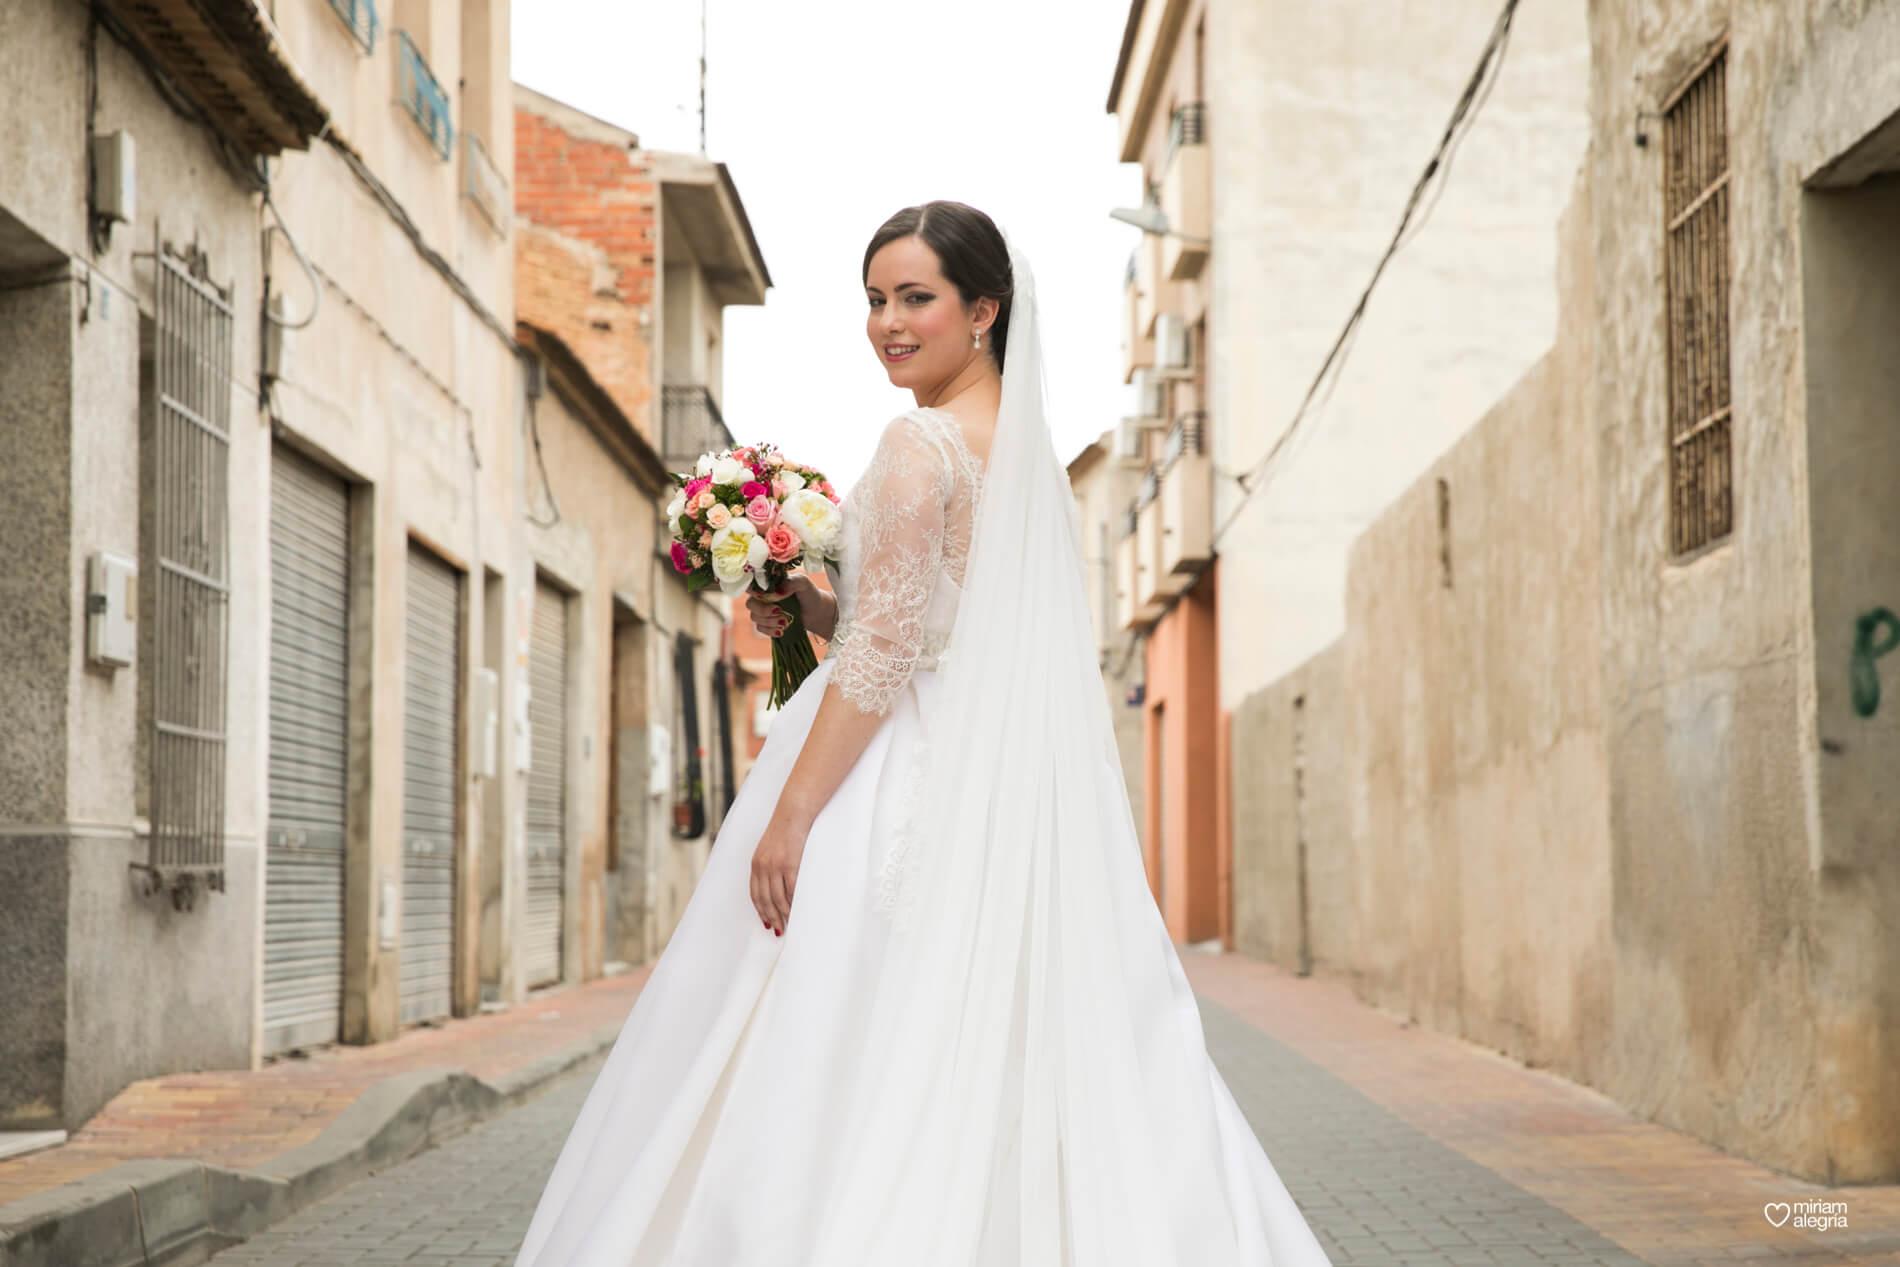 boda-en-el-rincon-huertano-miriam-alegria-fotografos-boda-murcia-30